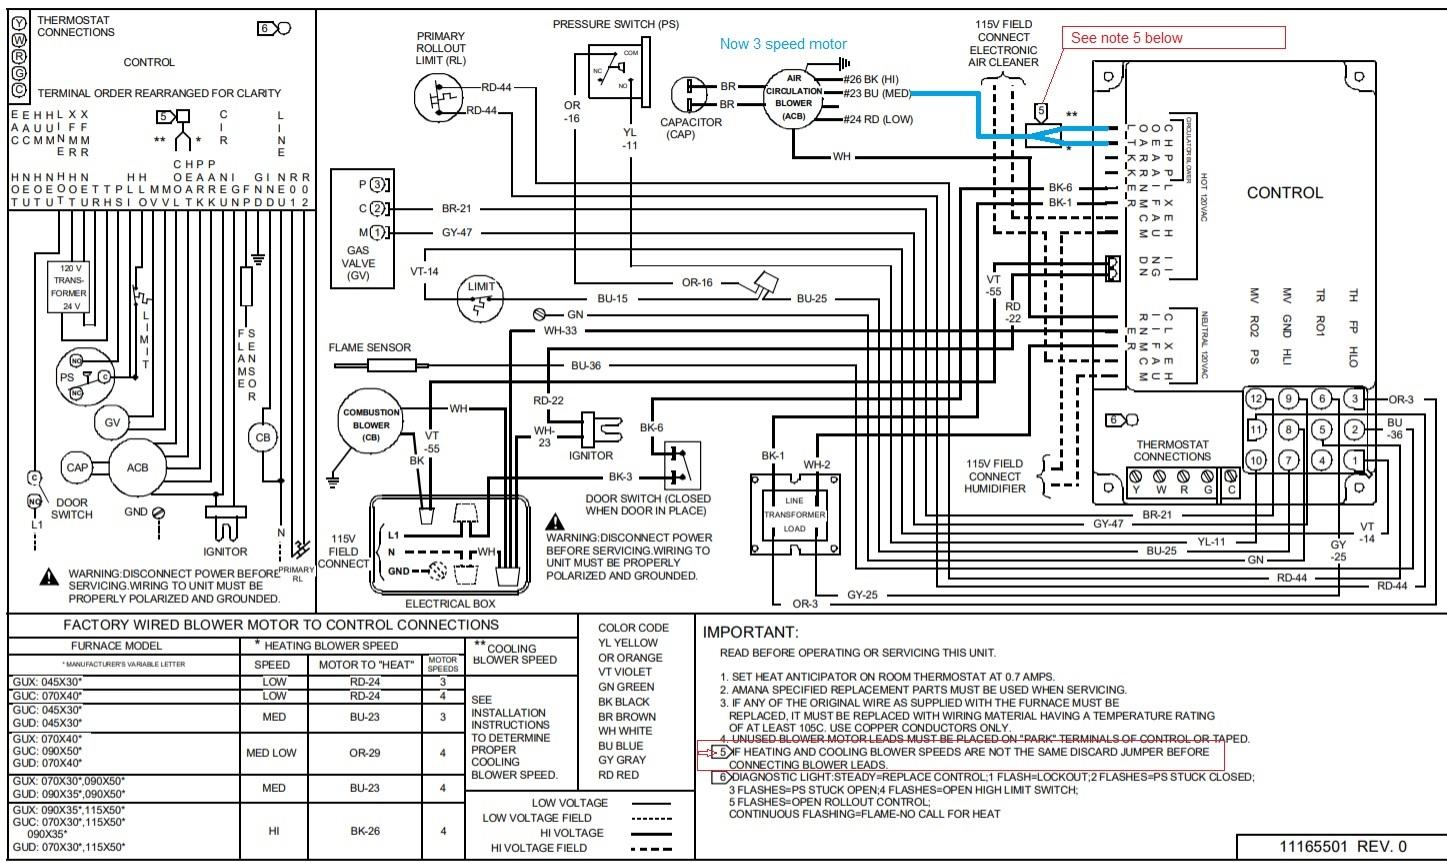 4 speed blower motor Now 3 Speed Blower Motor (wiring question)-blower-control-board.jpg